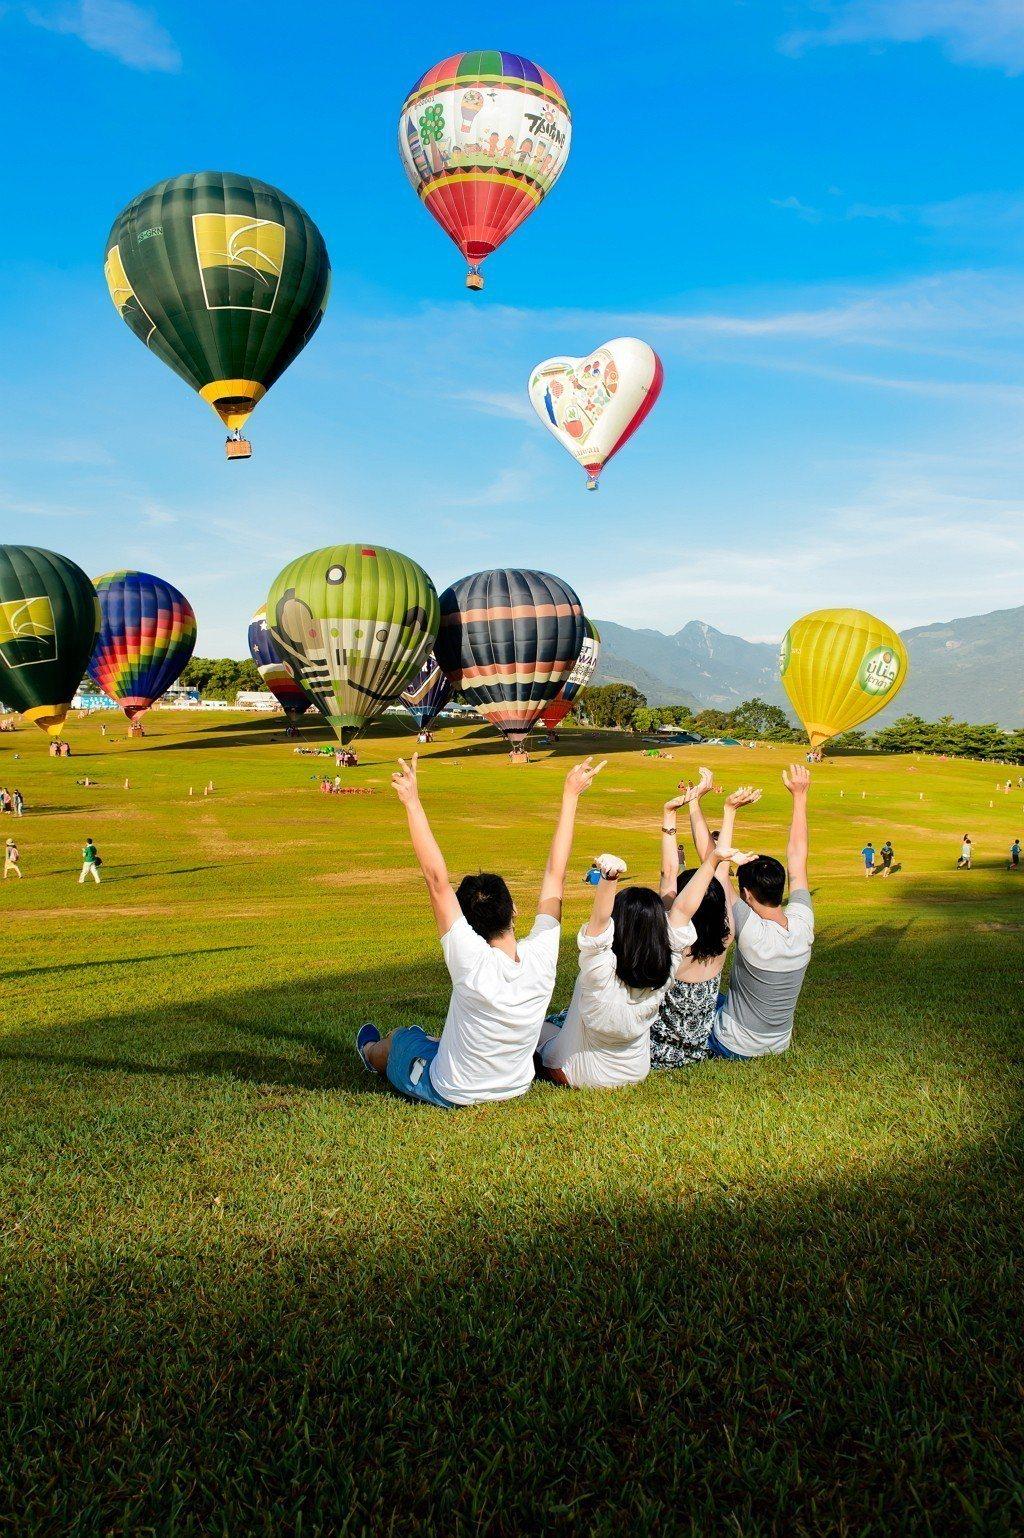 6月30起台東熱氣球嘉年華繪開跑 圖/知本老爺酒店 提供